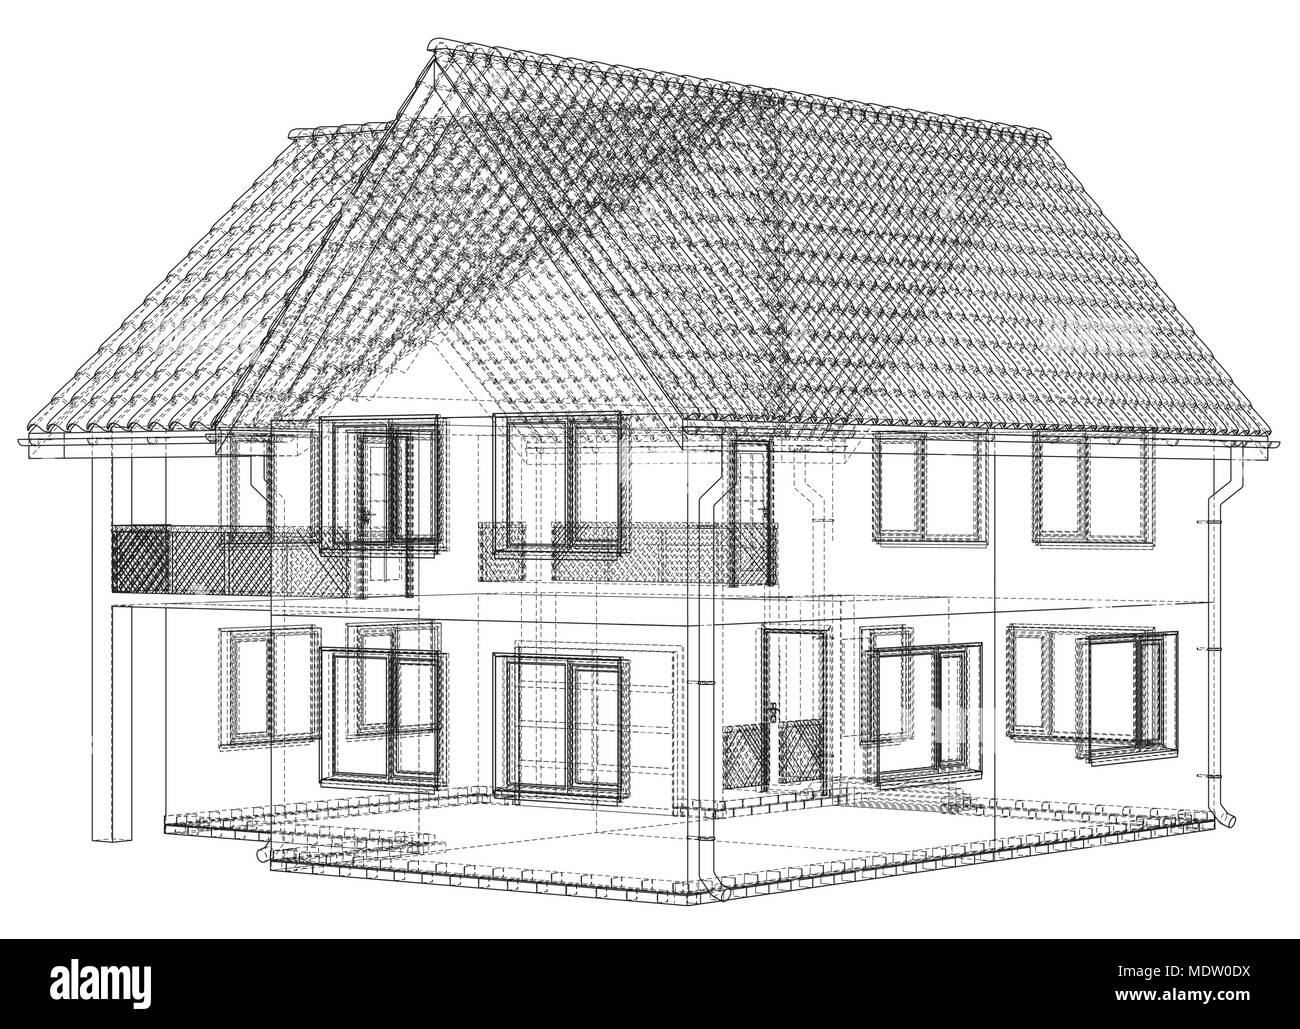 Drahtmodell Bauplan Zeichnen Von 3d Haus Vector Illustration Vektor